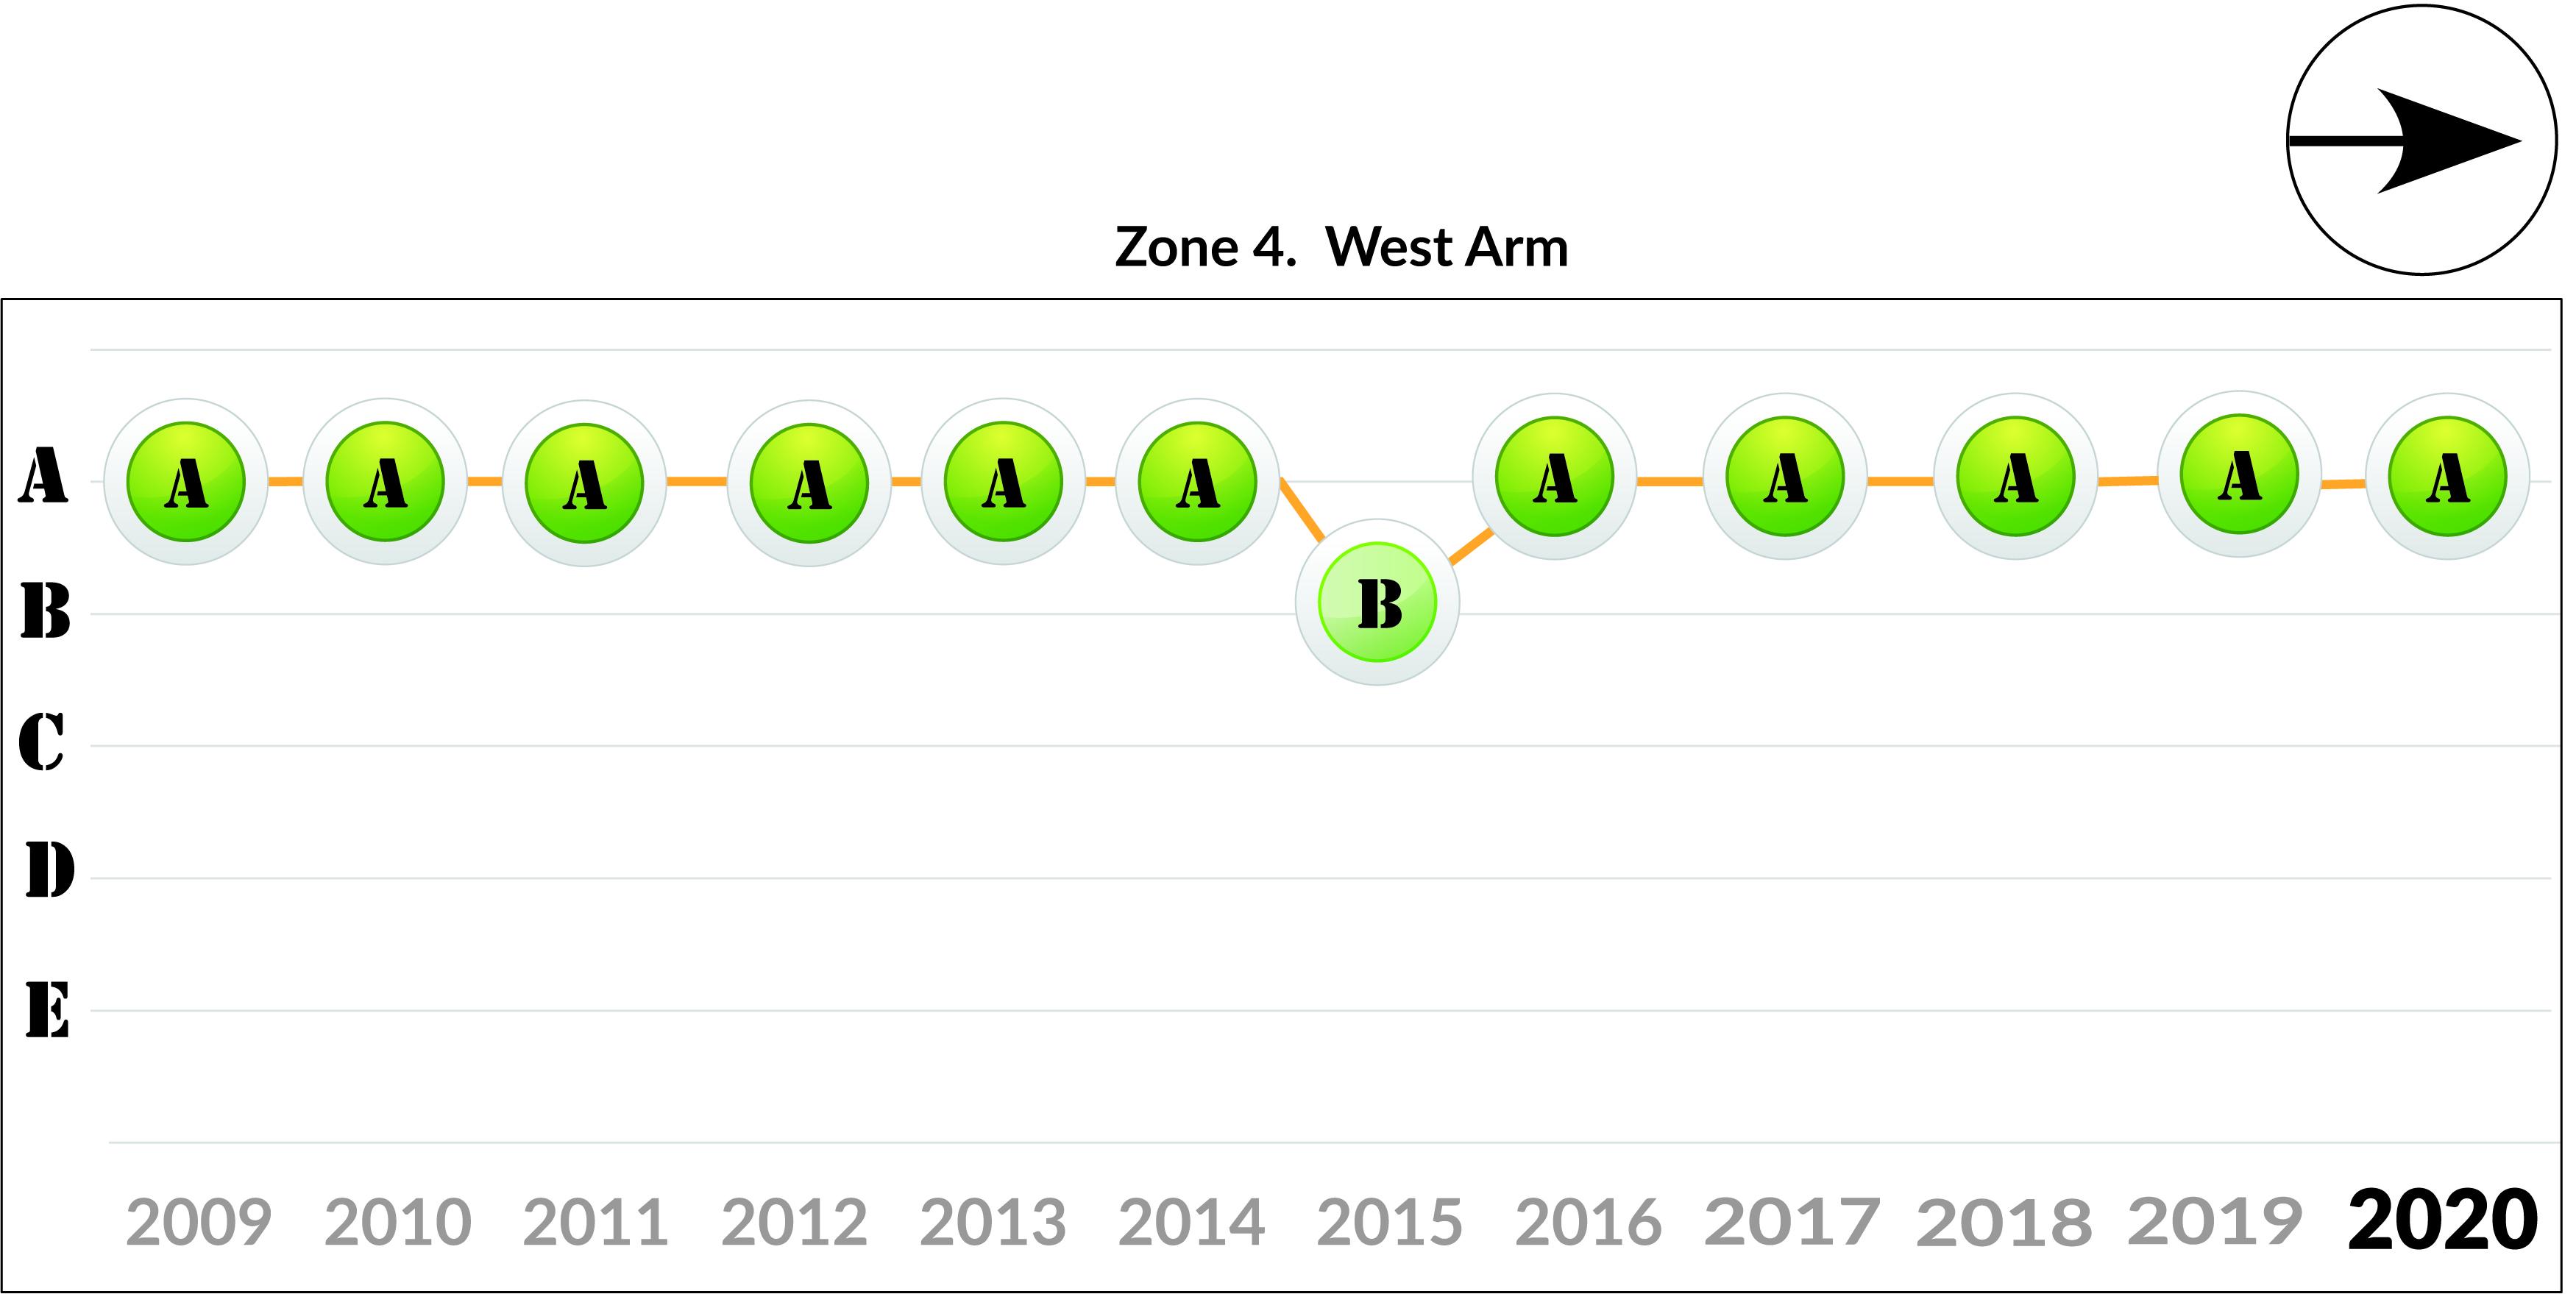 Zone 4 - West Arm trend 2020